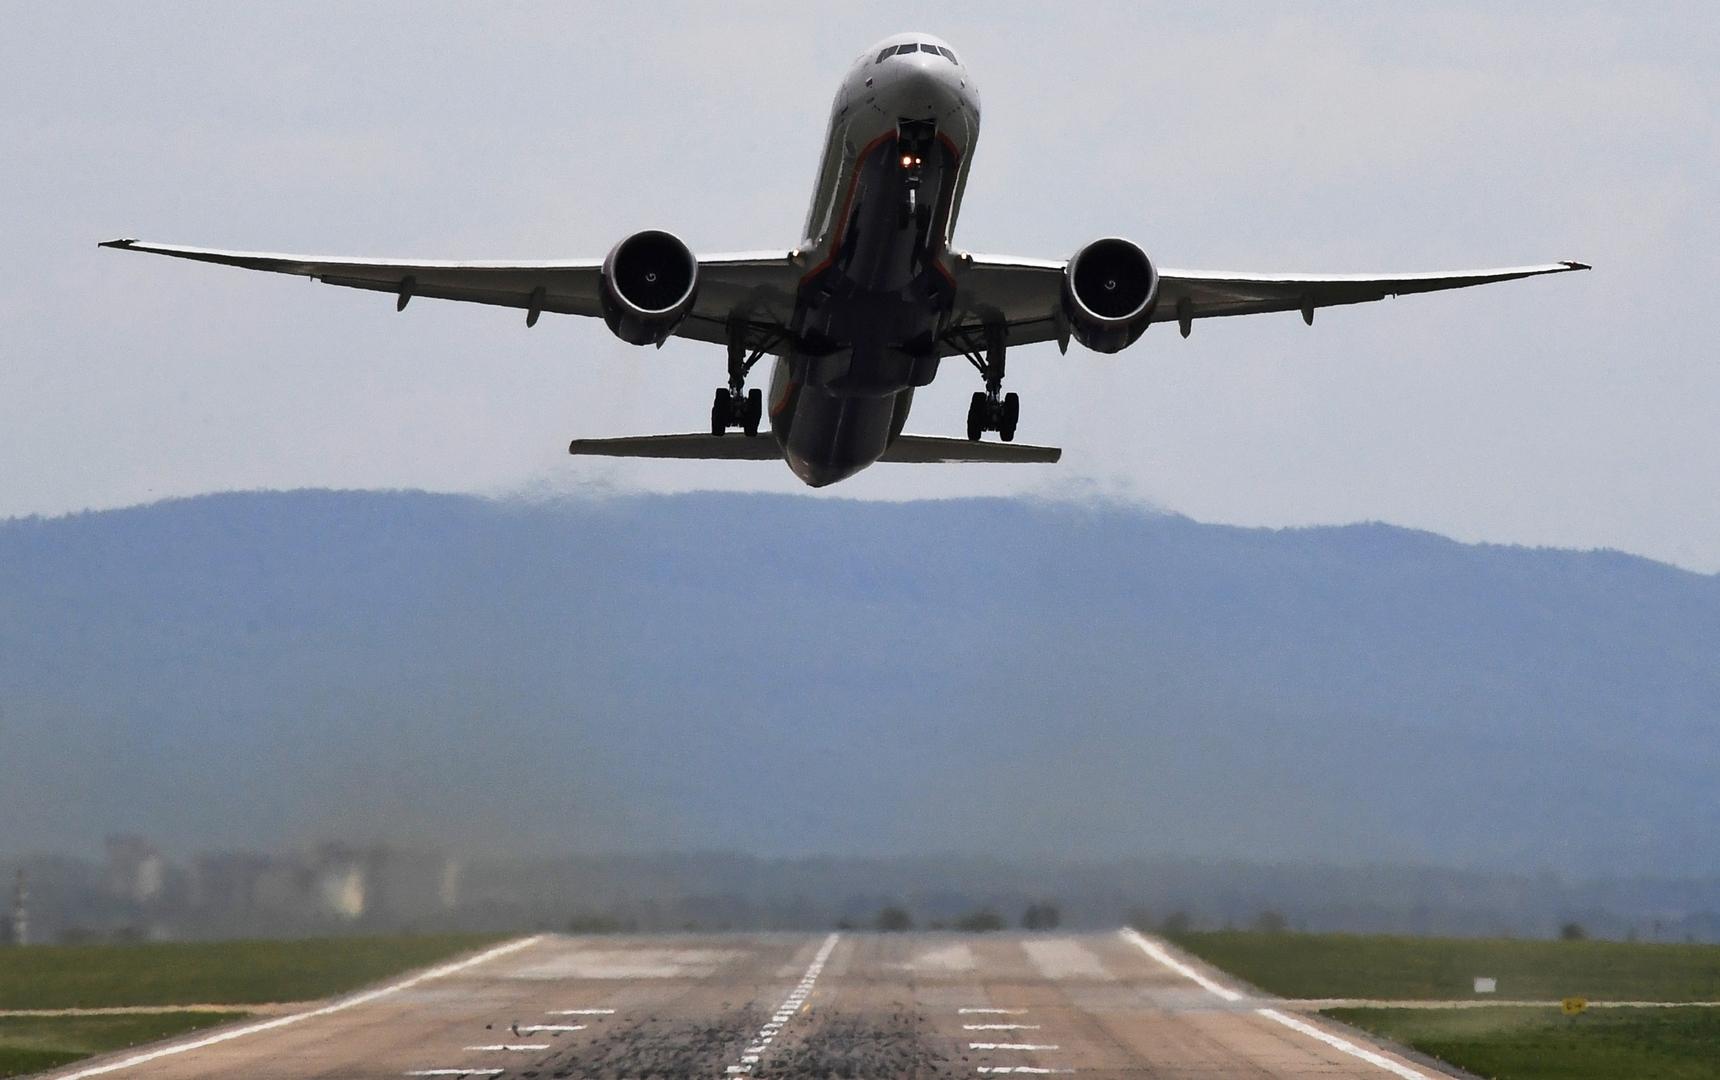 شركة طيران سعودية جديدة قريبا ستنافس القطرية والإماراتية